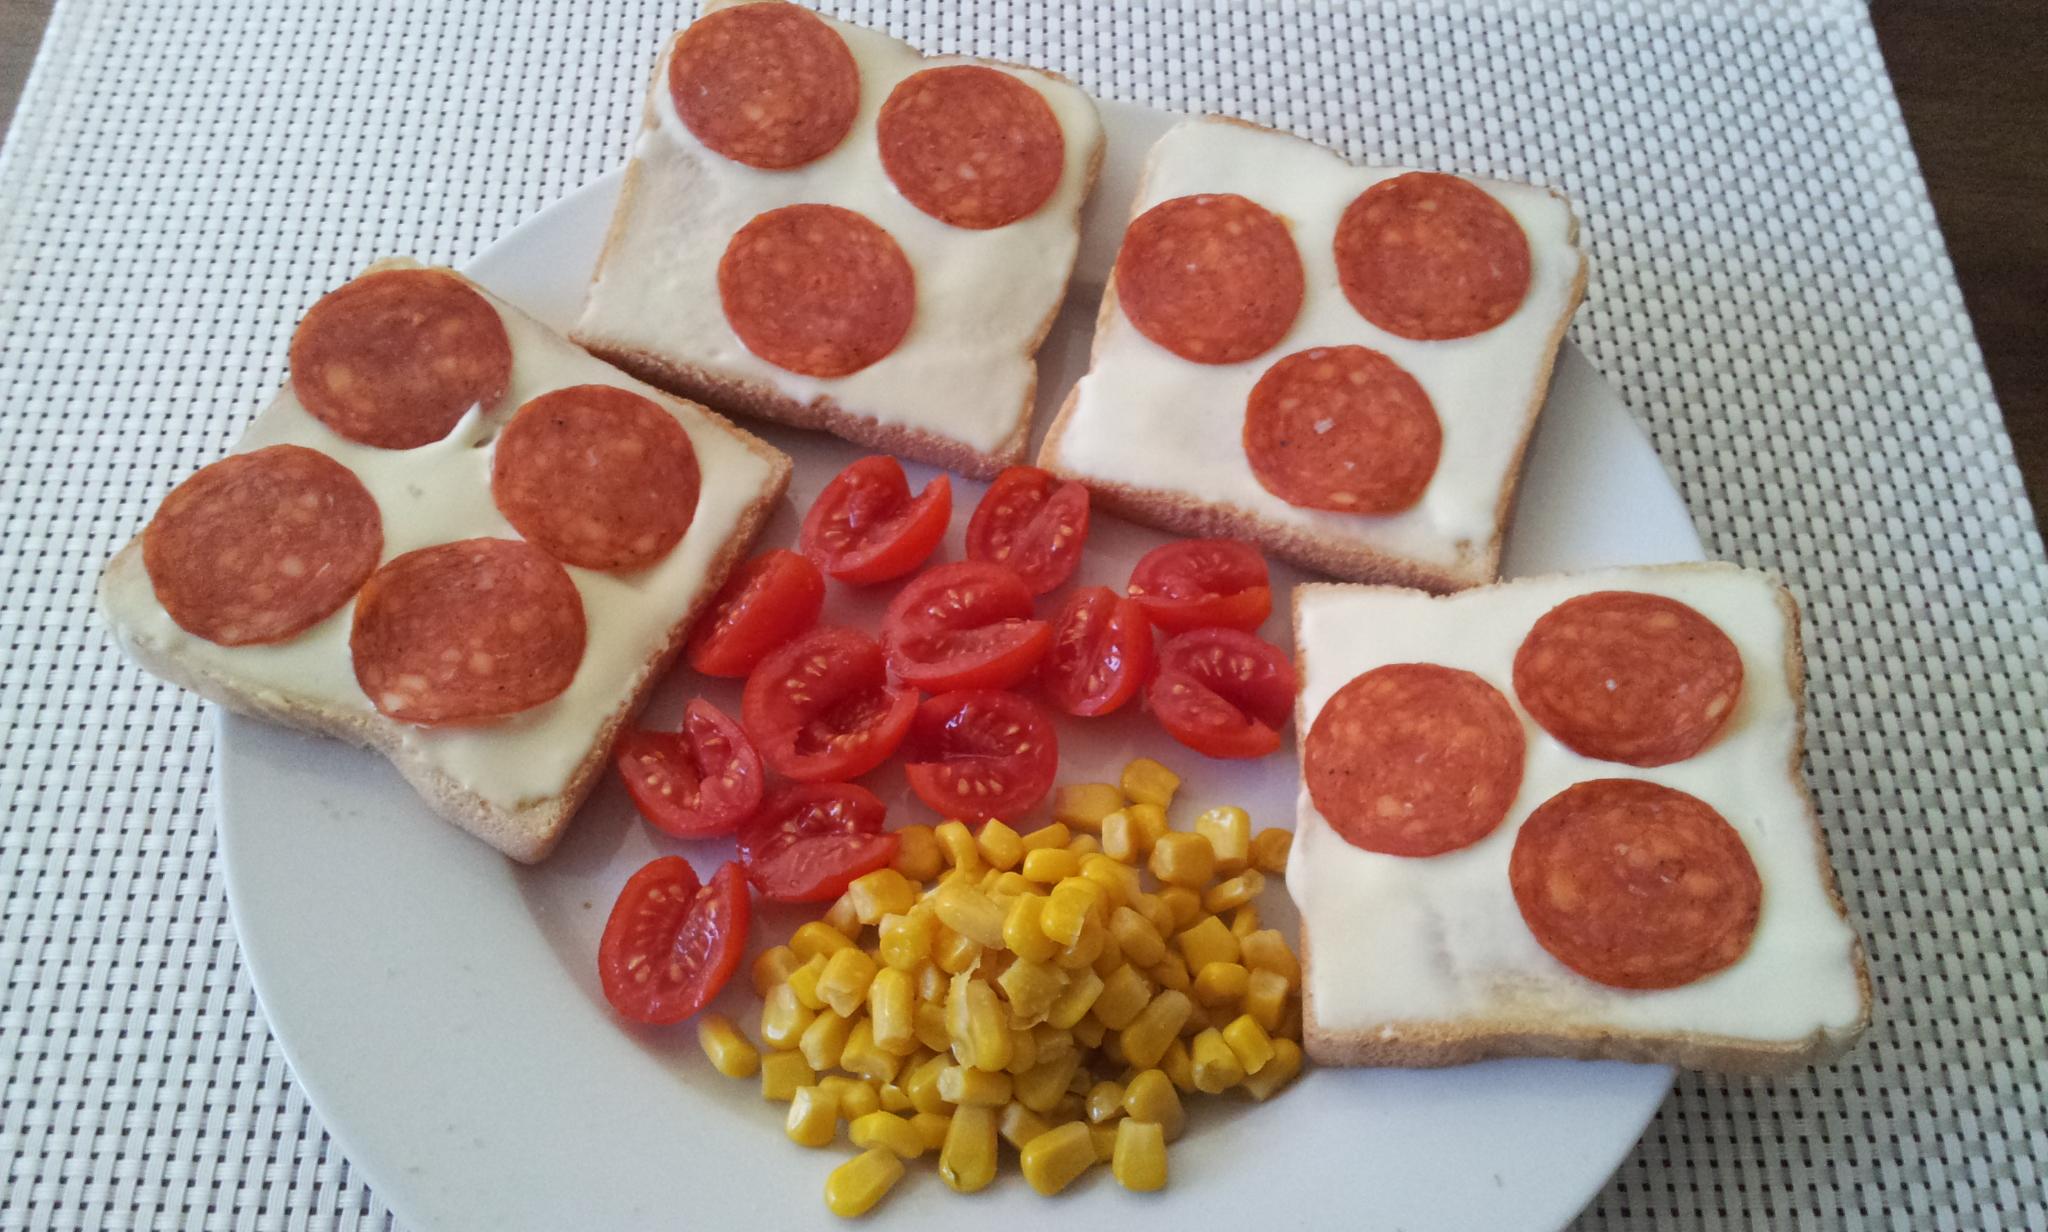 http://foodloader.net/Holz_2013-10-03_Fruehstueck.jpg